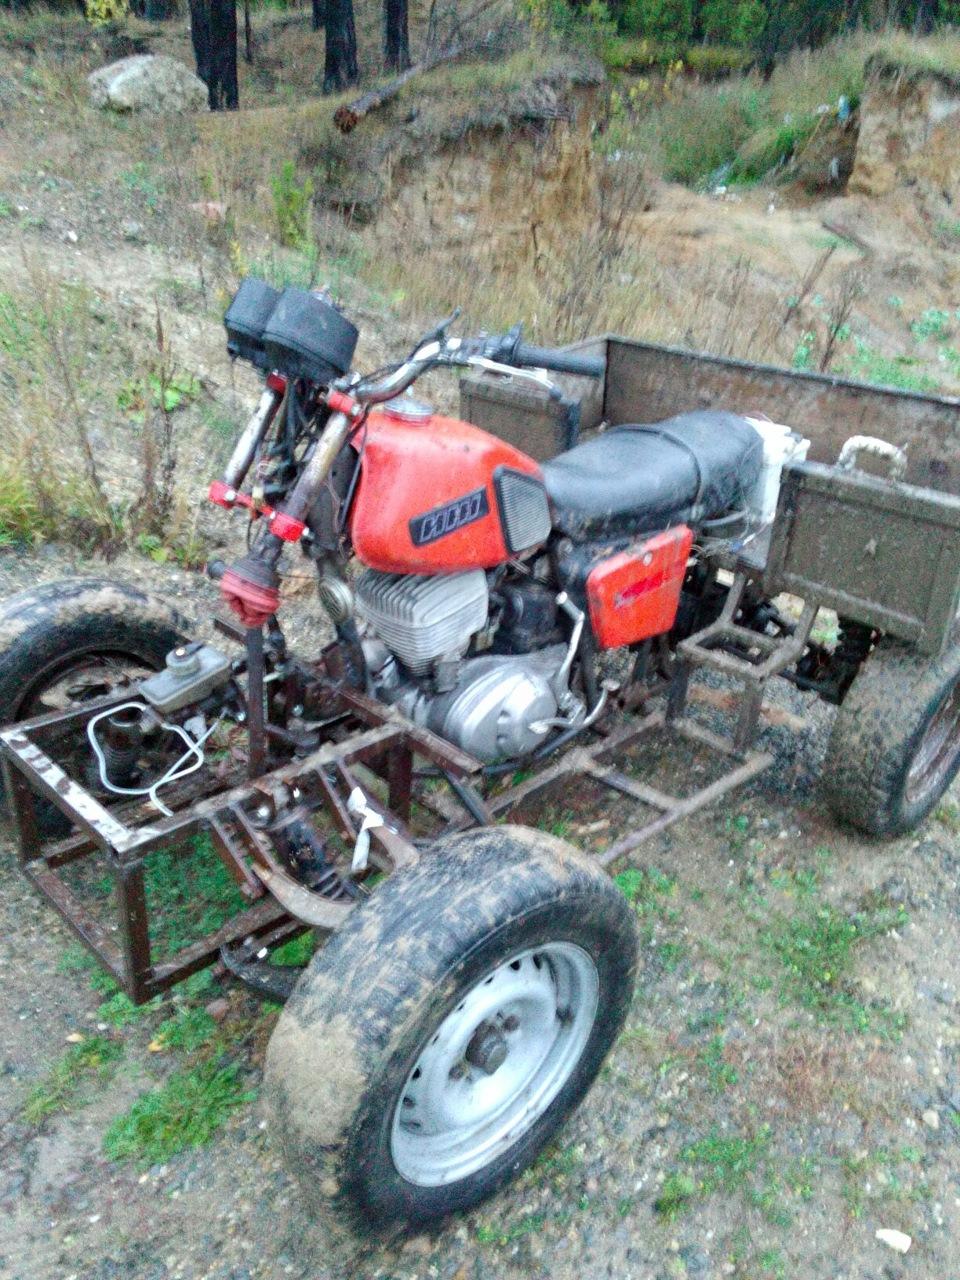 можно самодельный квадроцикл из минска фото если